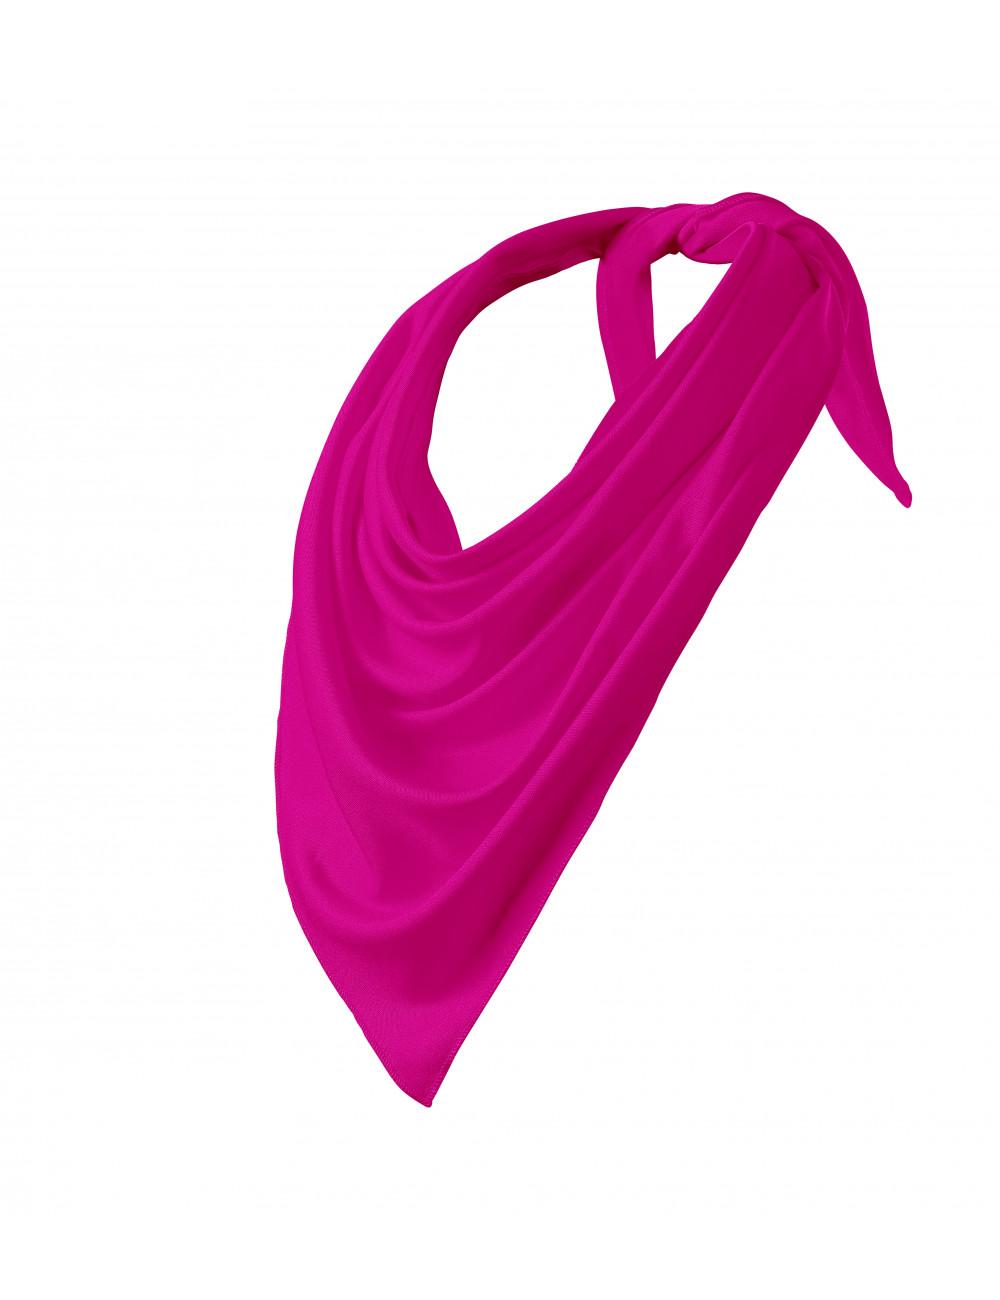 Adler MALFINI Scarf Unisex/Kids Relax 327 neon różowy